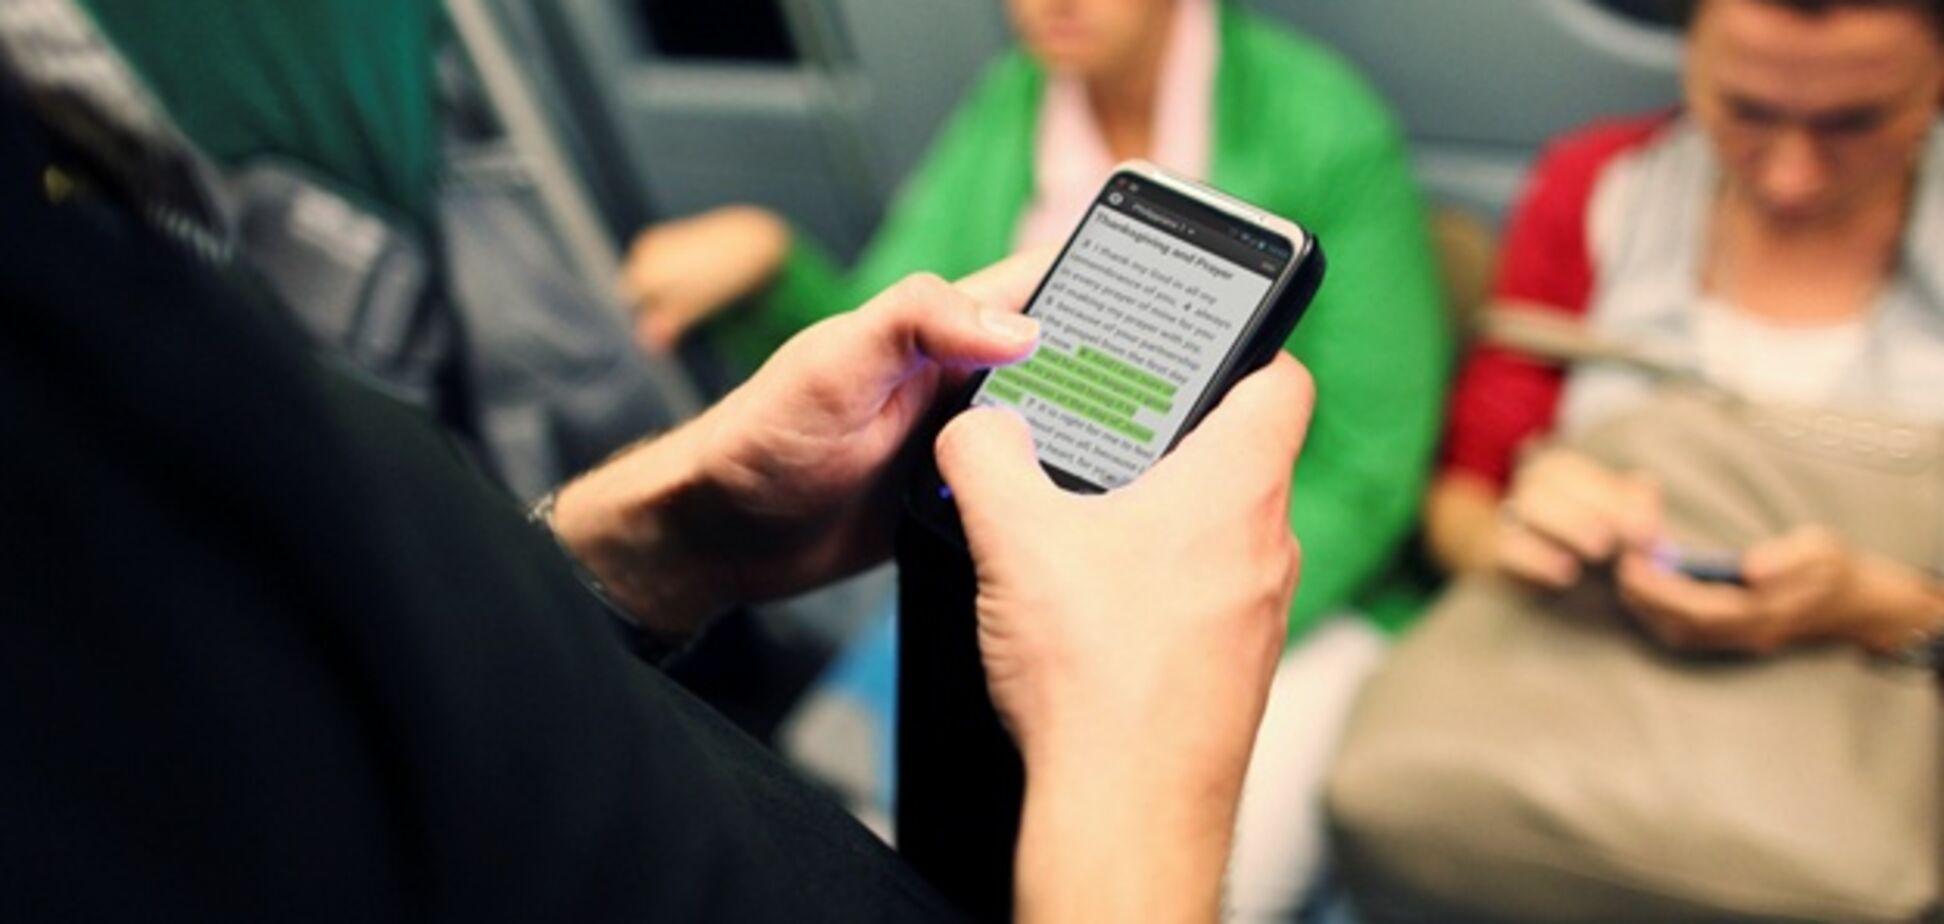 В киевском метро внедрят 3G и 4G-сеть